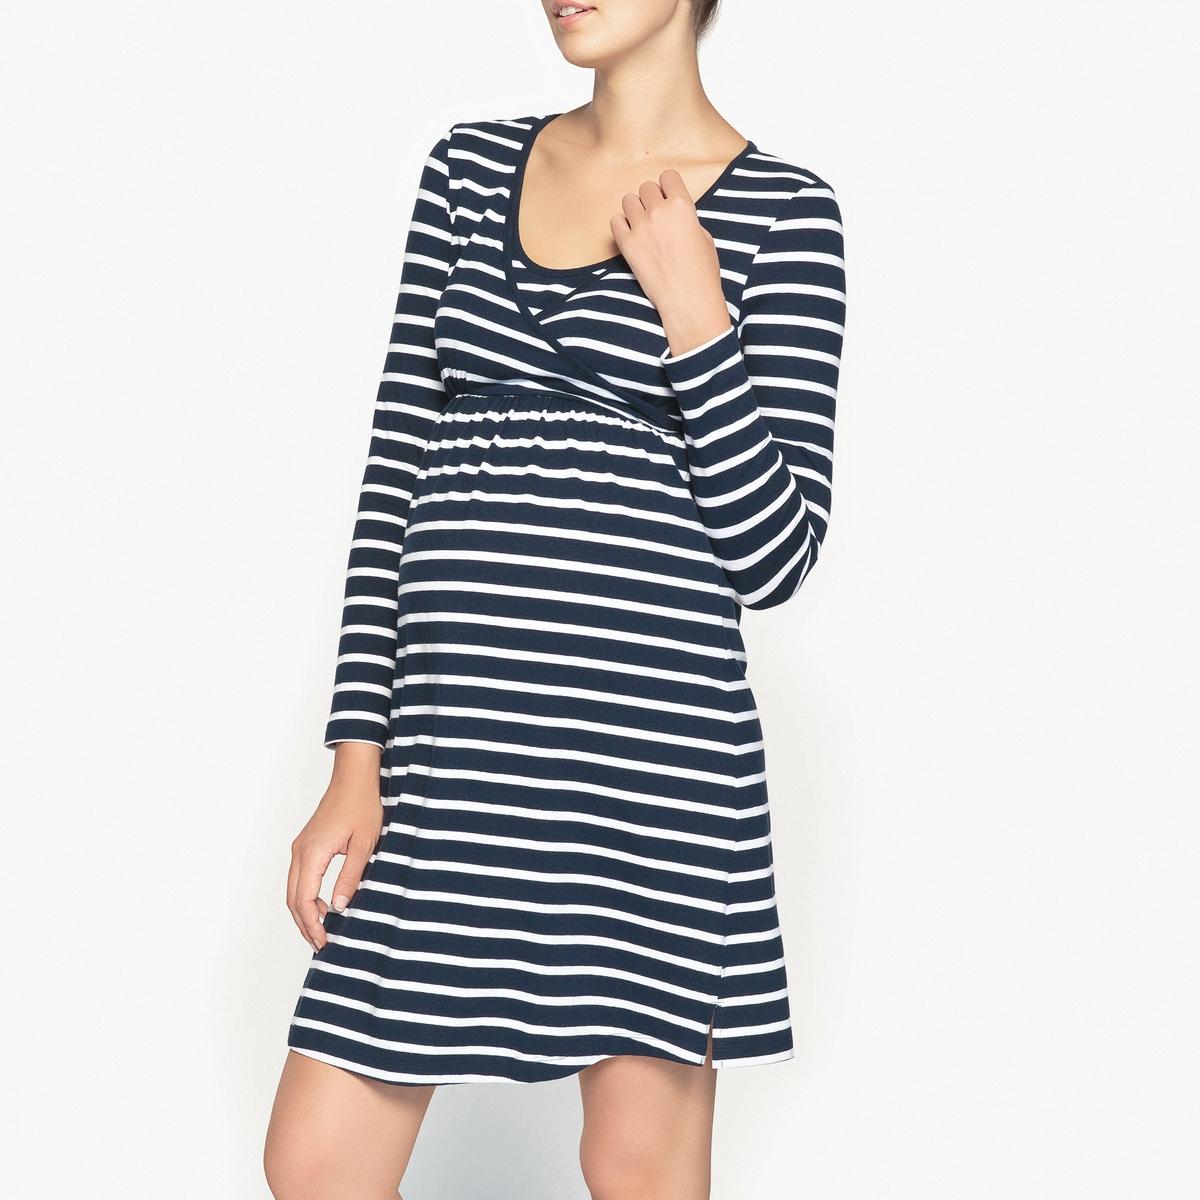 Рубашка ночная для периода беременности и грудного вскармливания